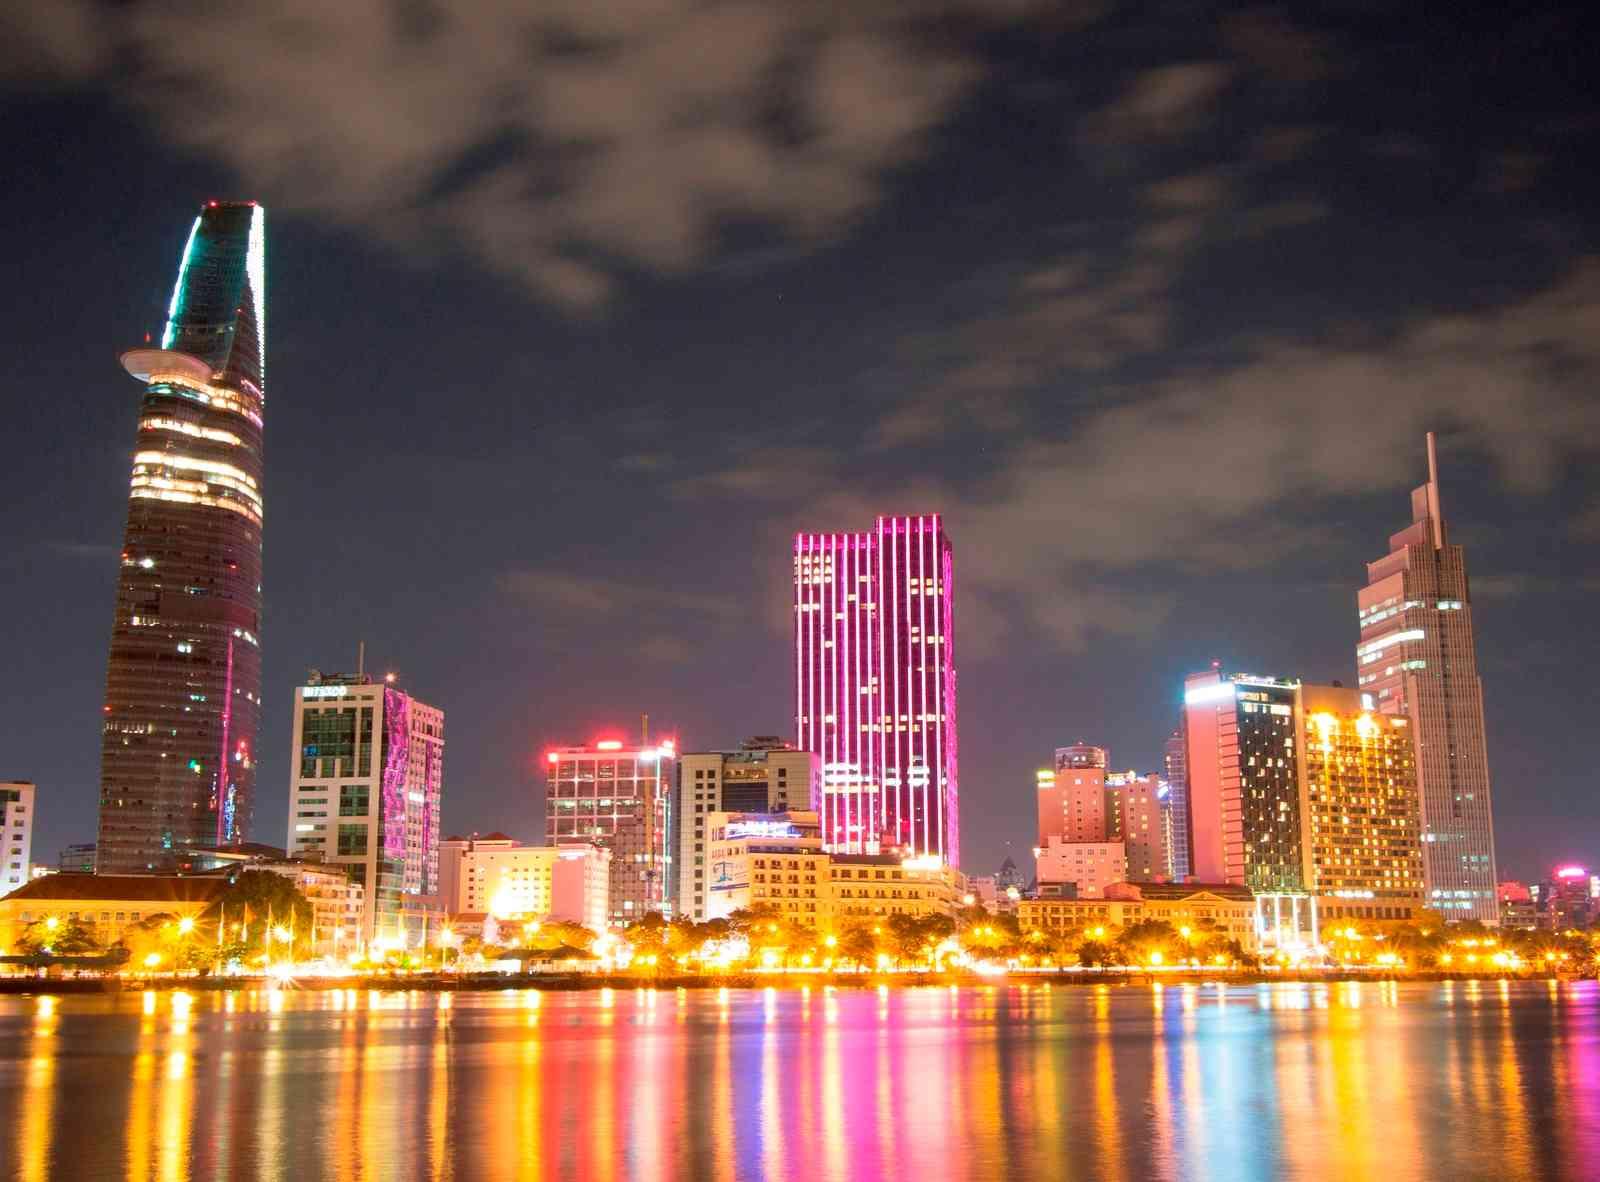 Các dự án Bất động sản sắp triển khai trong năm 2020 tại TPHCM | Thuận Hùng  Group